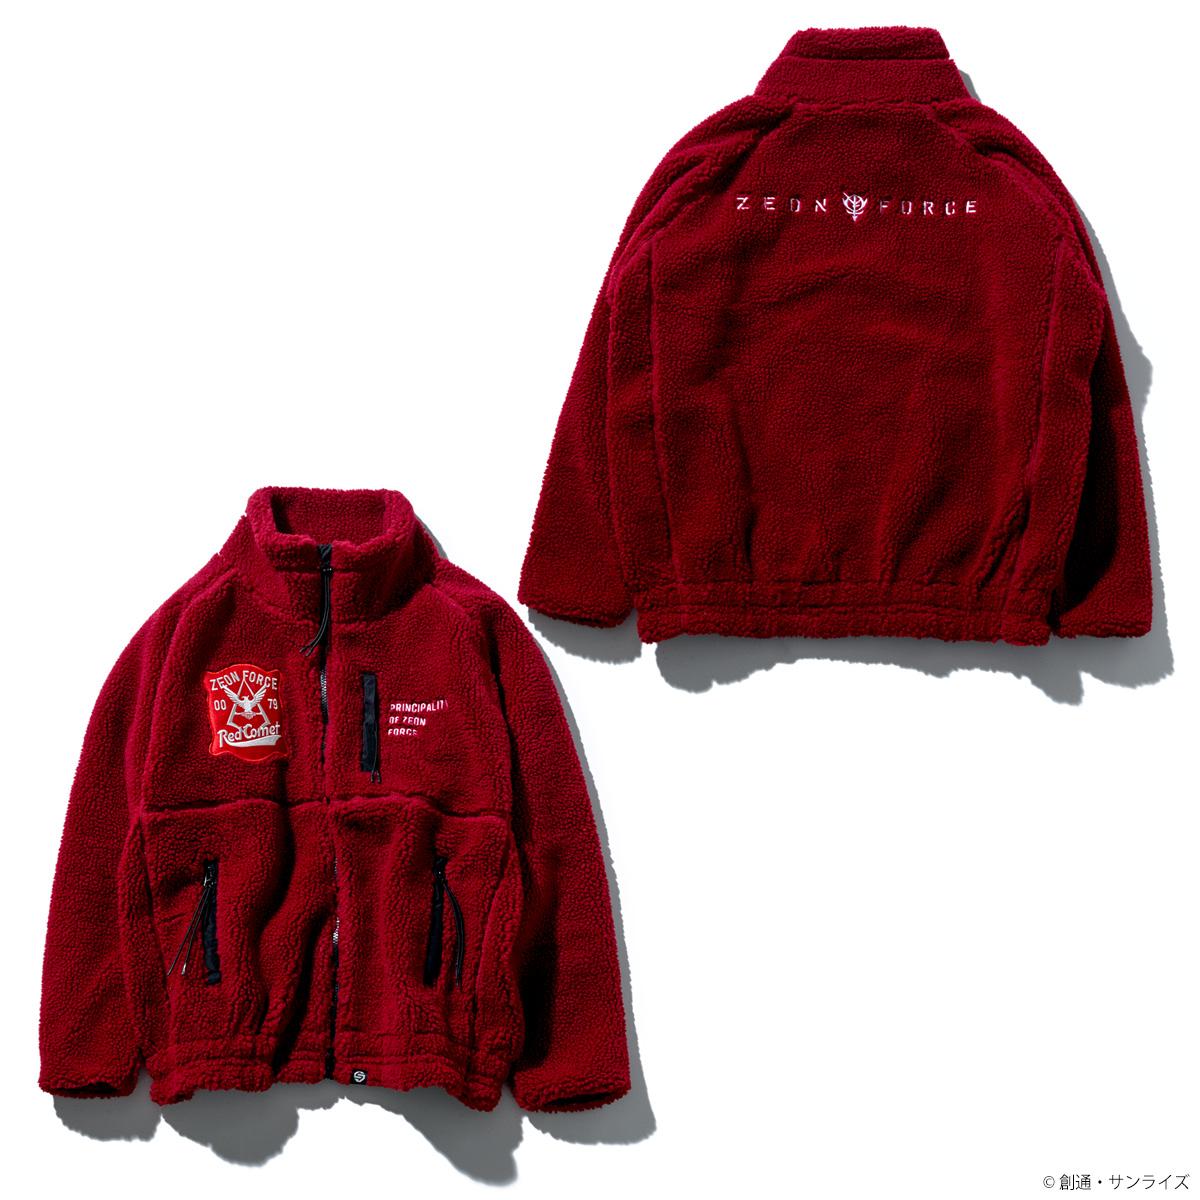 STRICT-G 『機動戦士ガンダム』ボアフリースジャケット RED COMETモデル